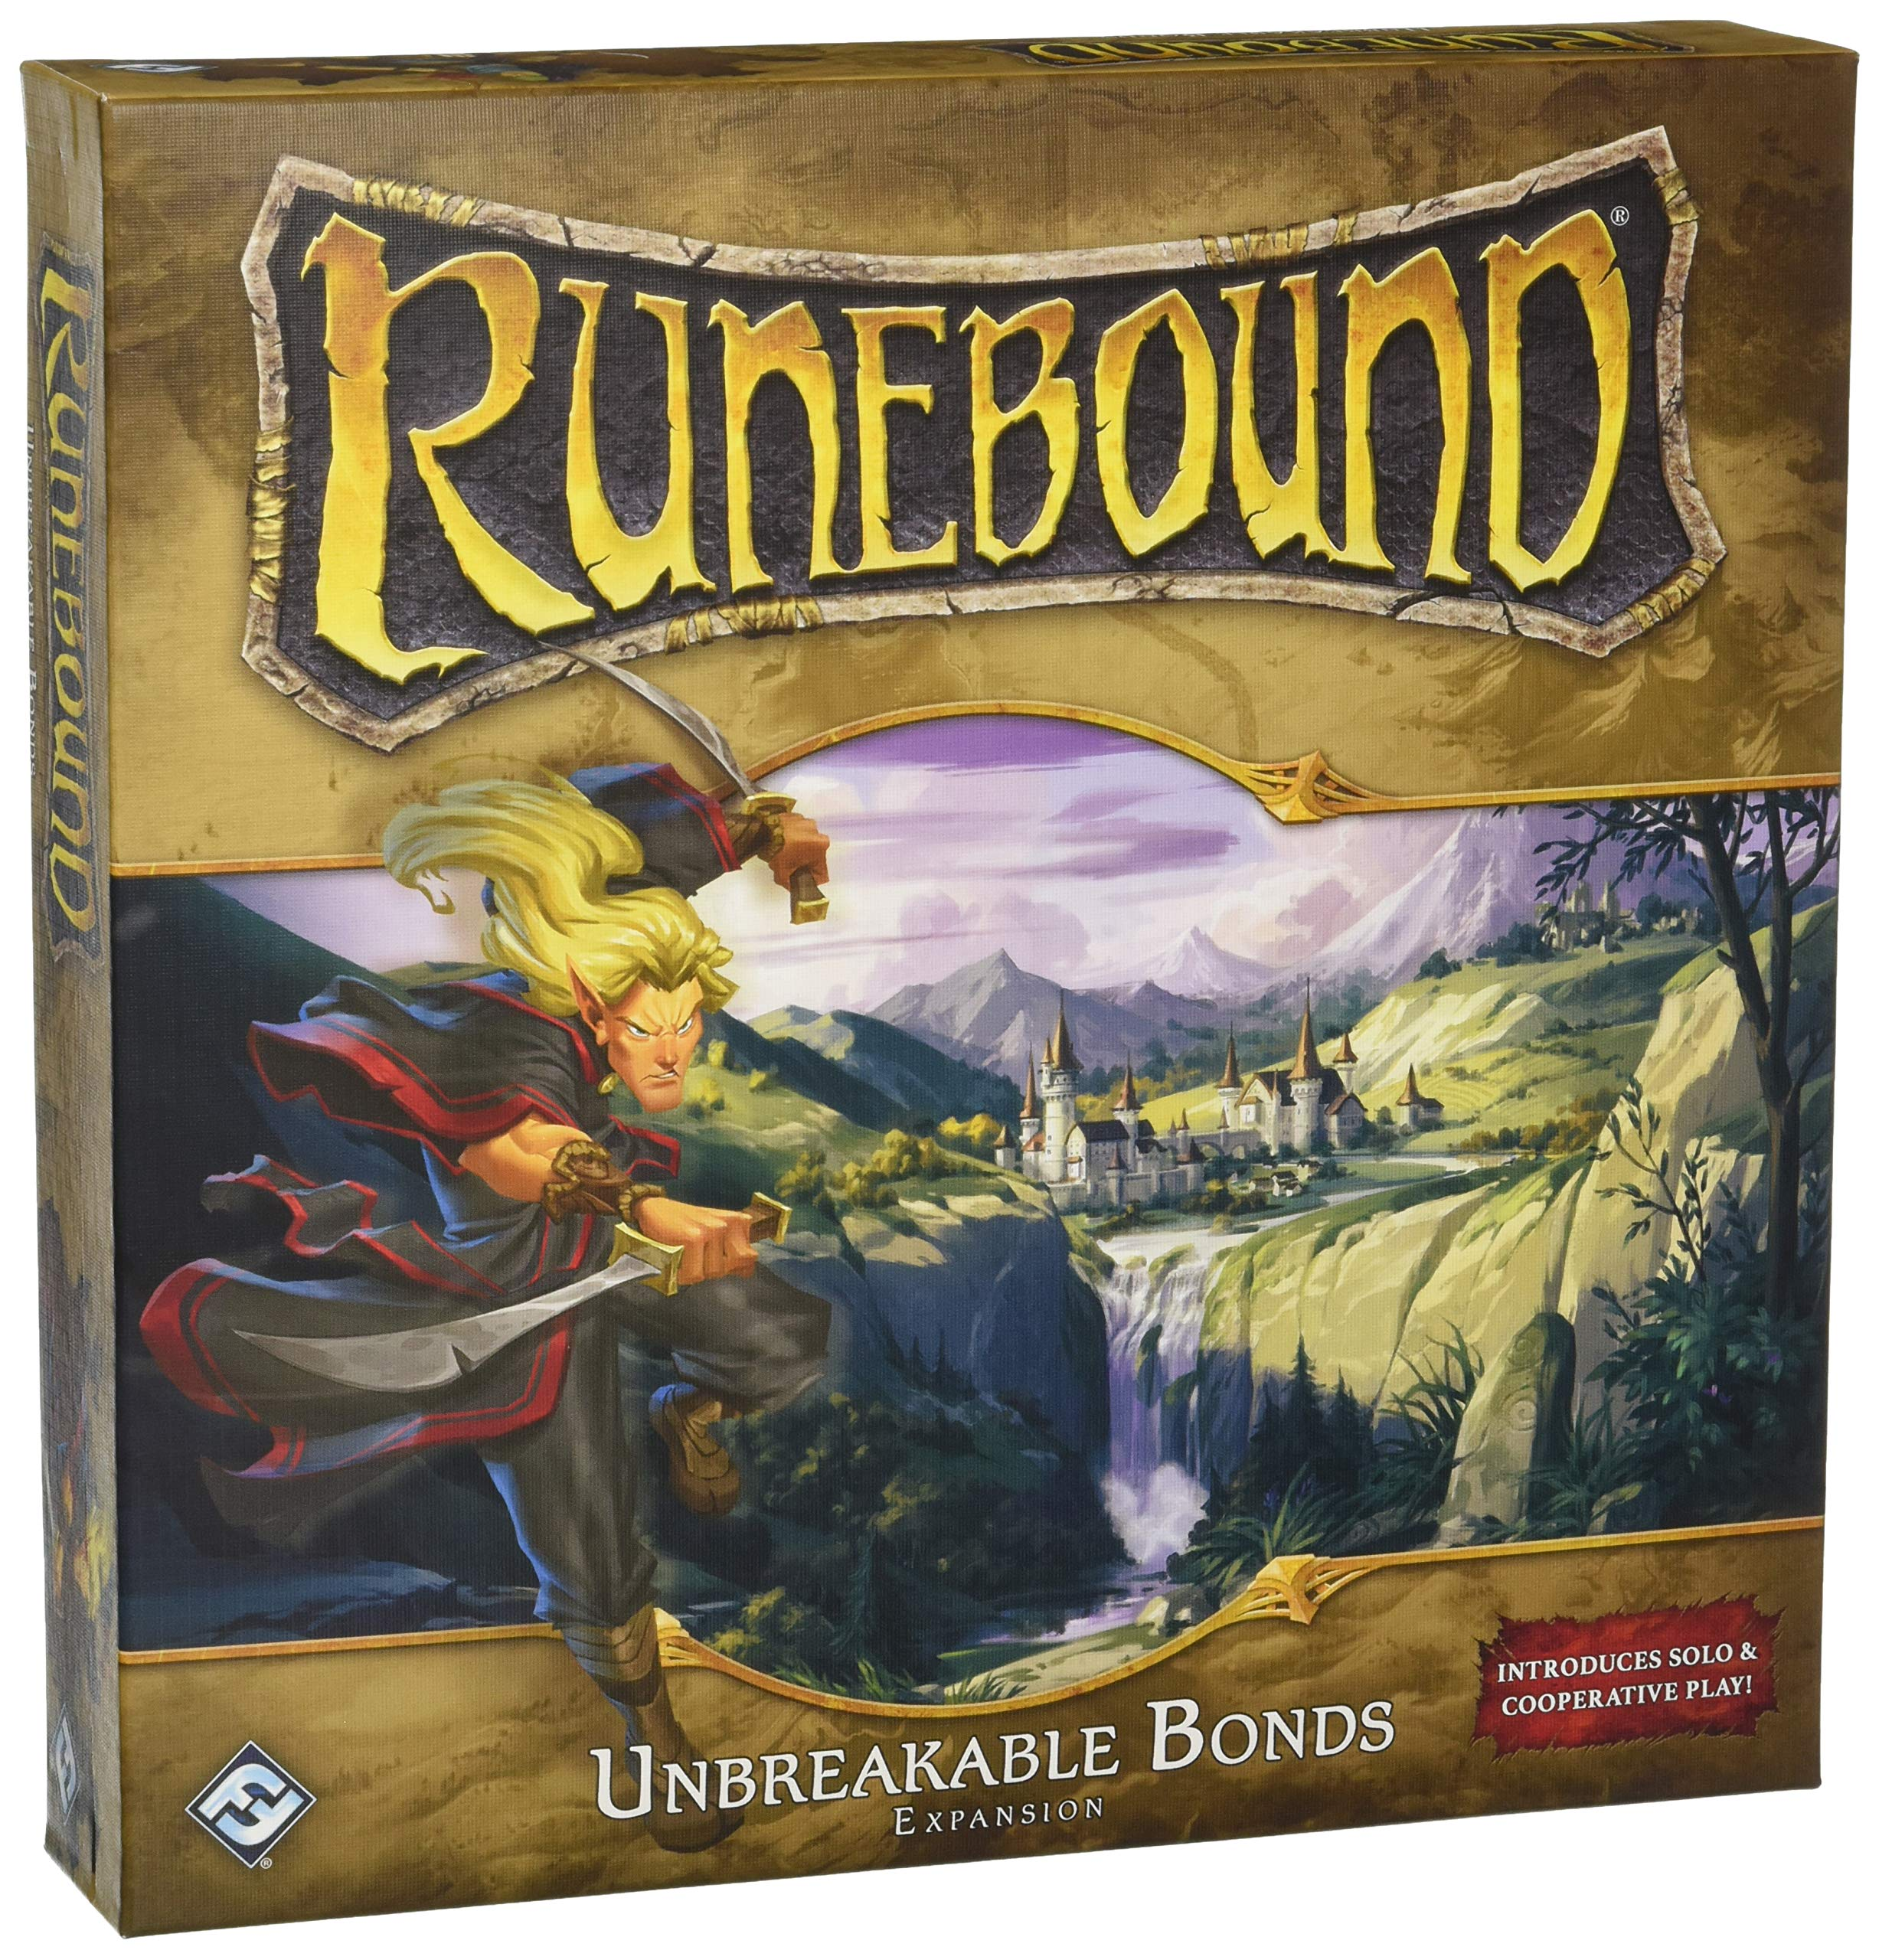 Runebound Third Edition: Unbreakable Bonds